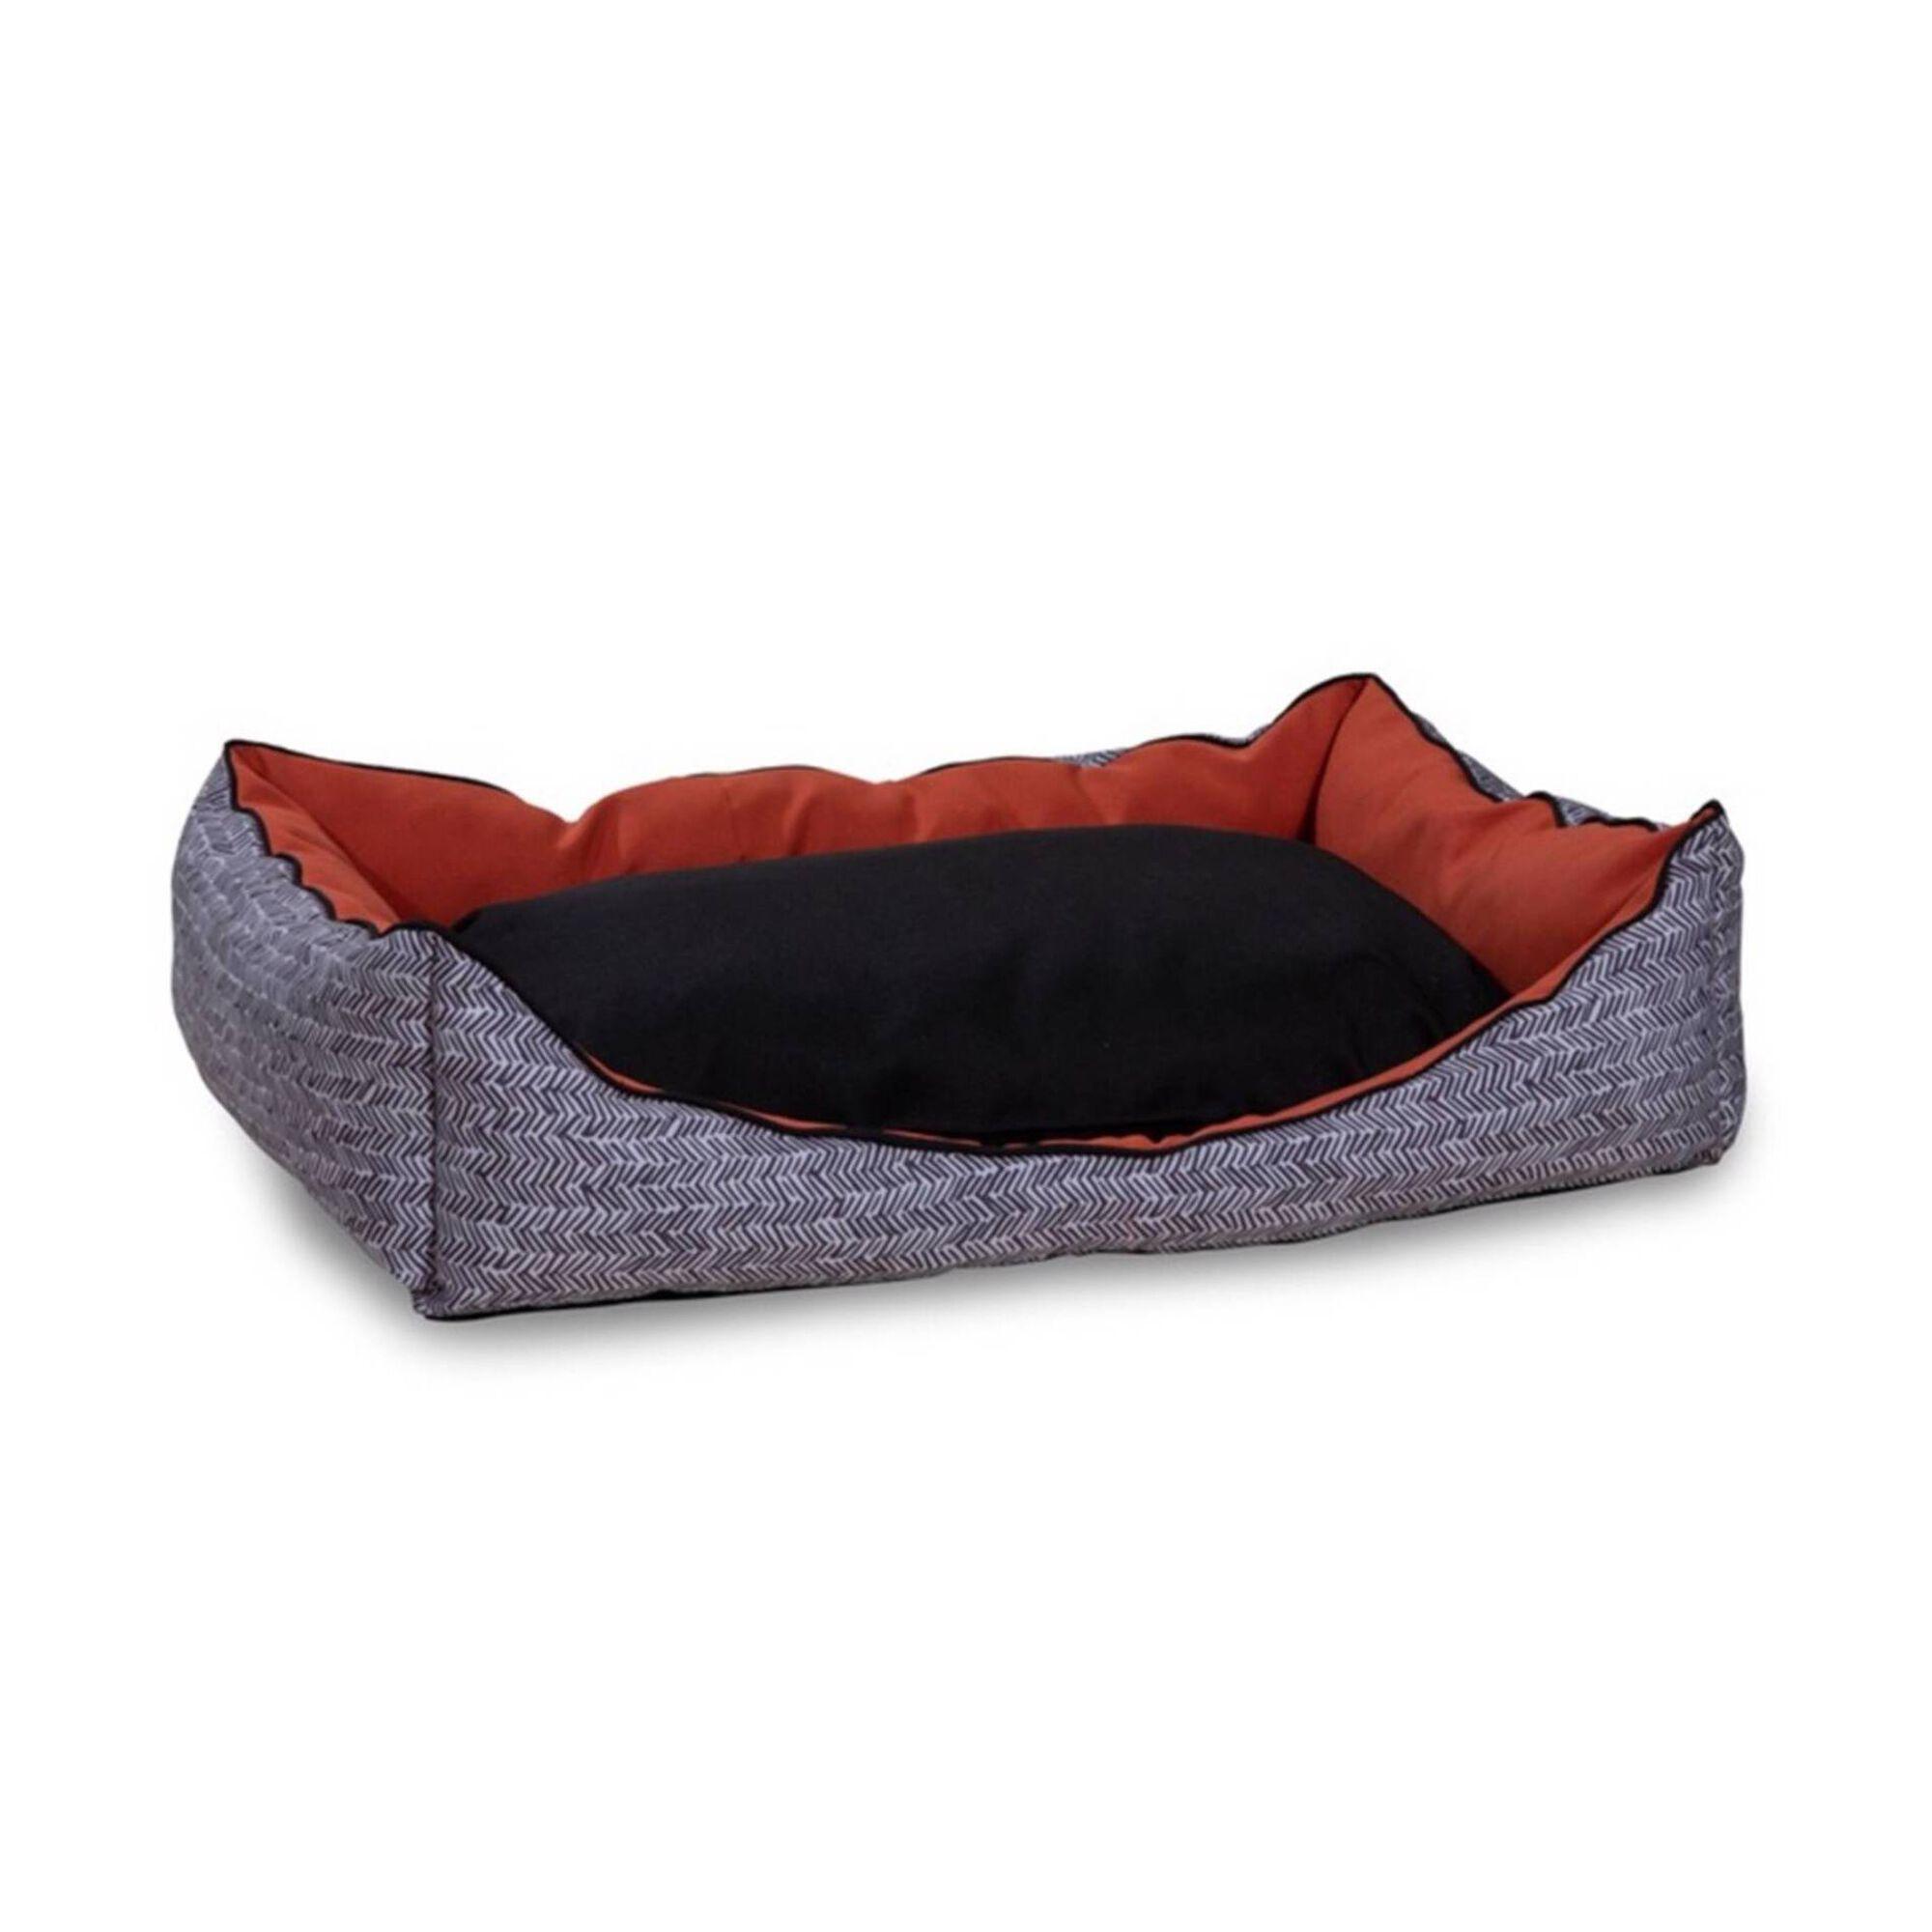 Cama Sofá para Cão Oval Fun XS/S